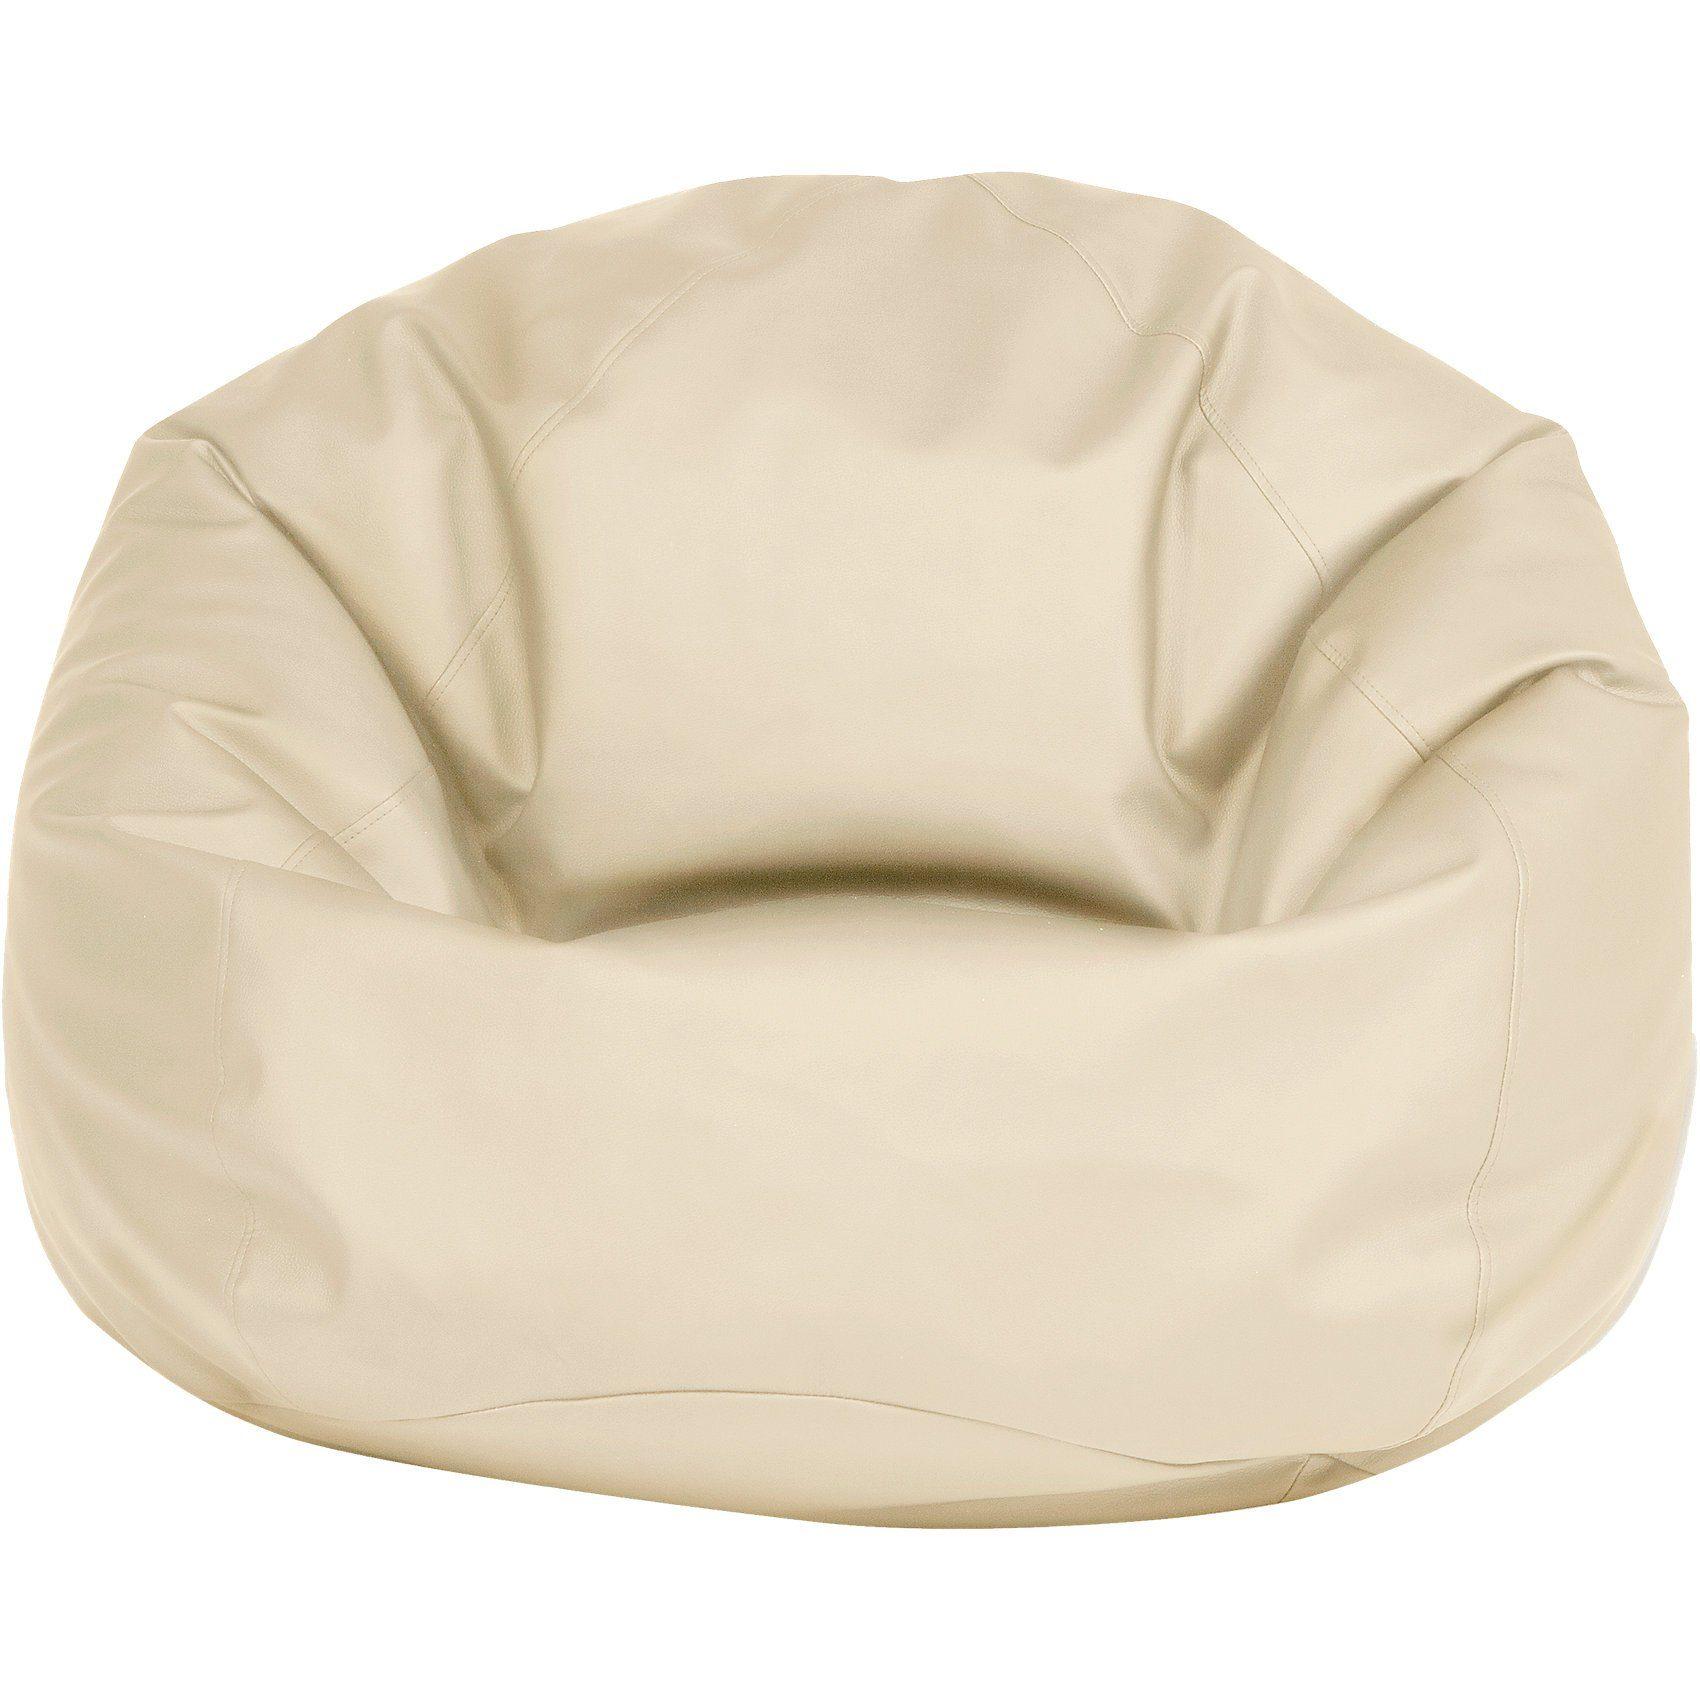 Sitzsack BAG 300, Kunstleder, beige